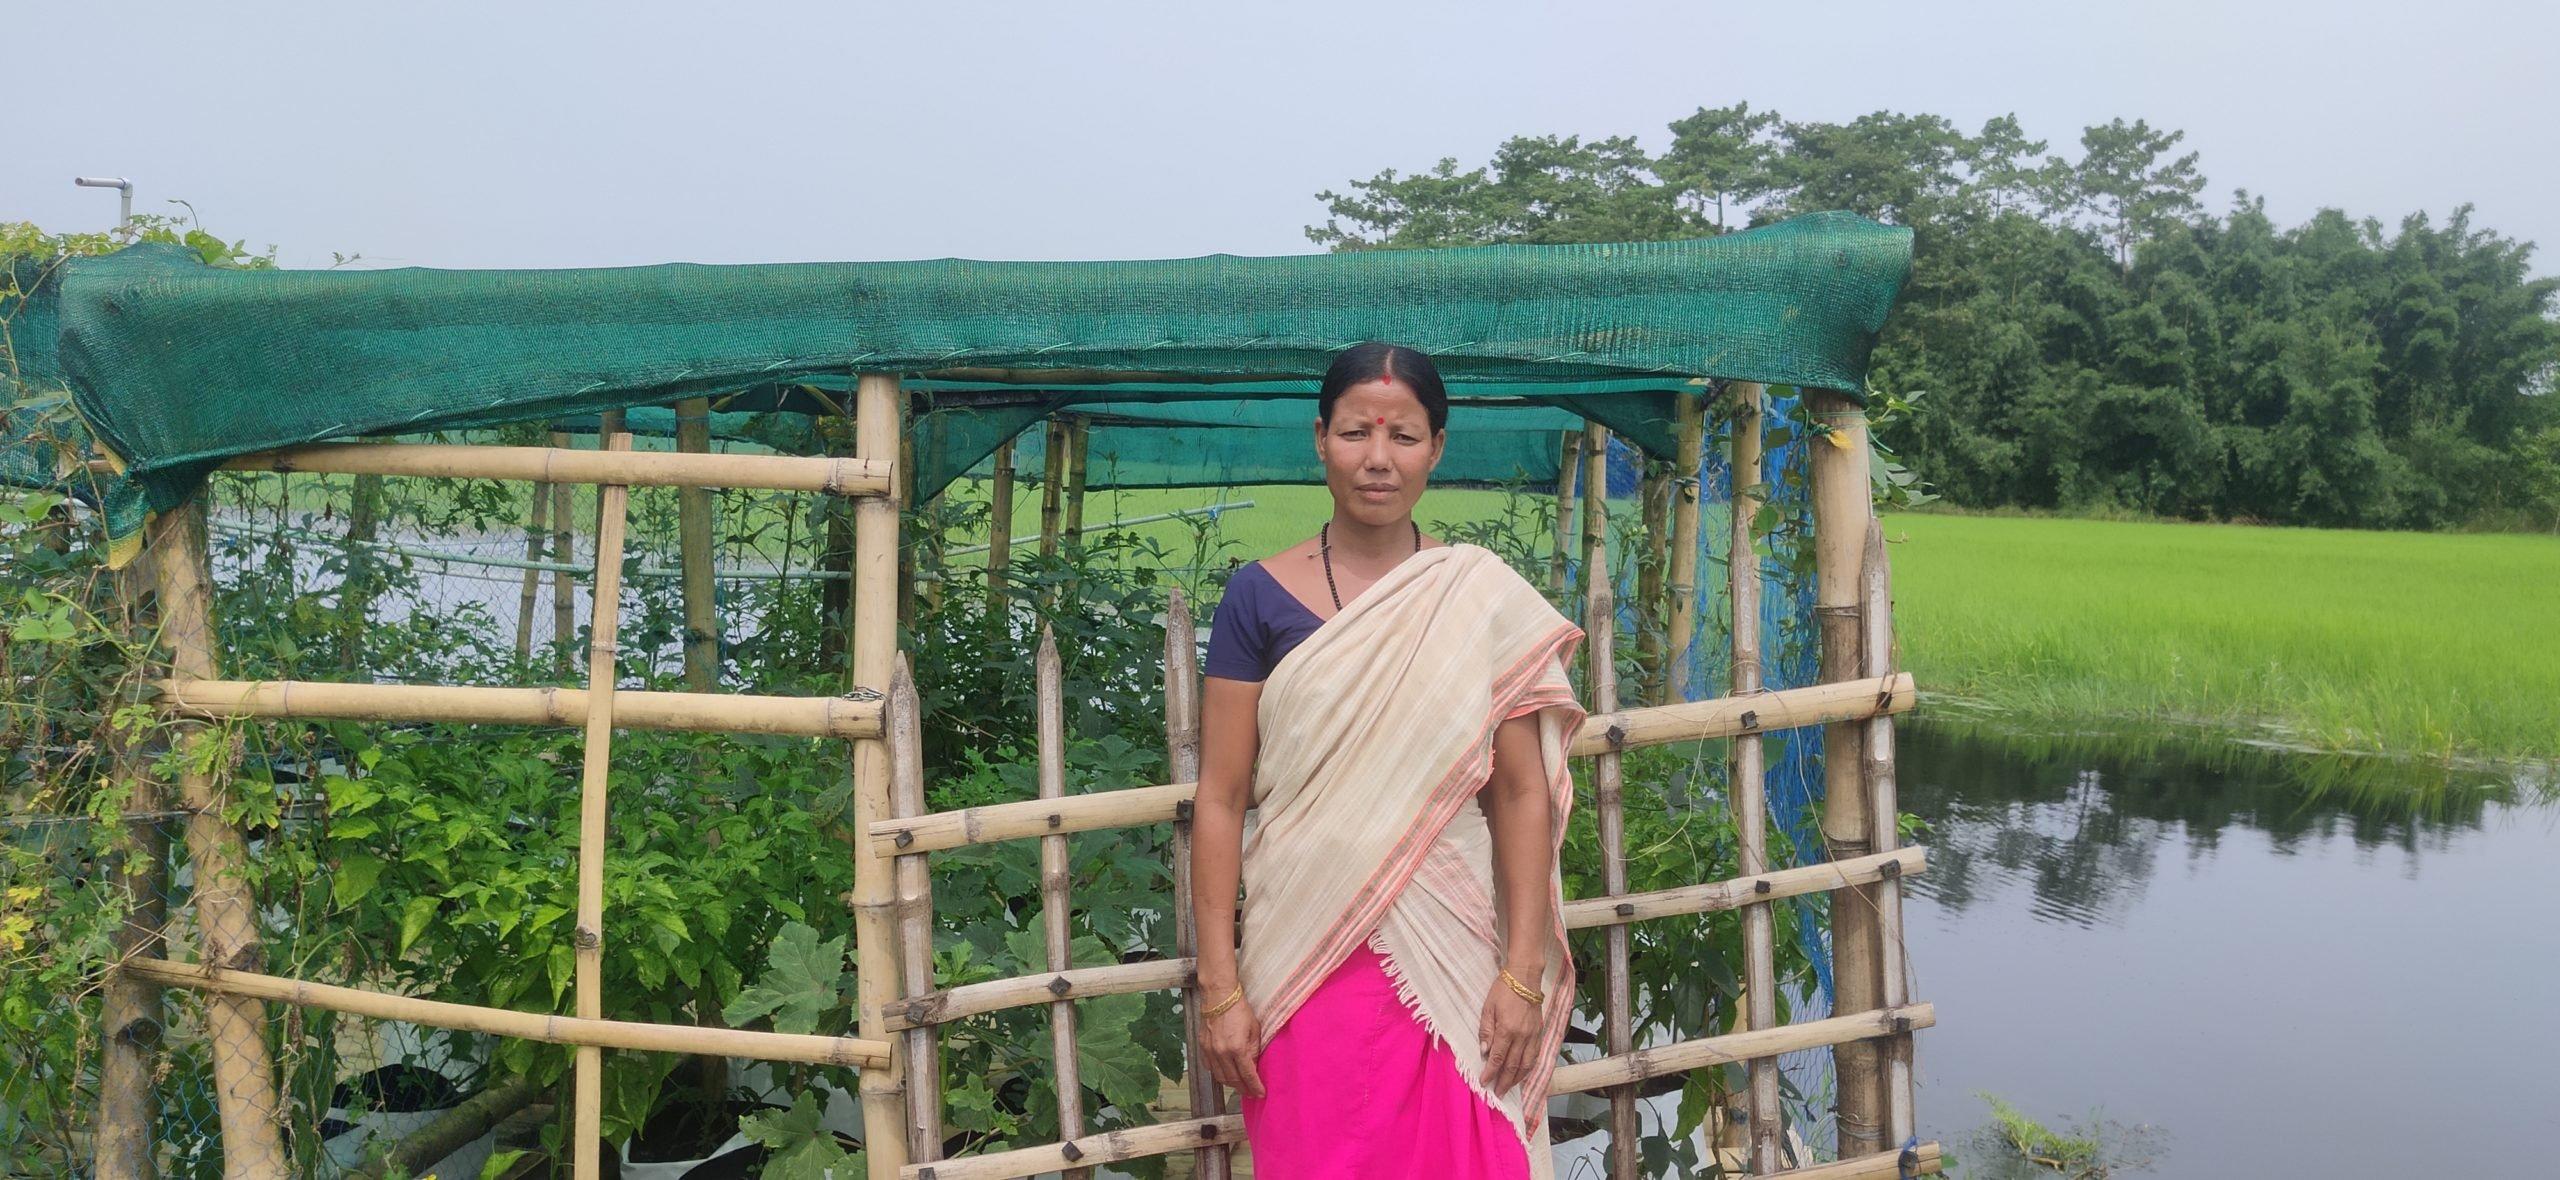 Rombha Payeng, floating farm, Majuli, Assam, India, Gurvinder Singh